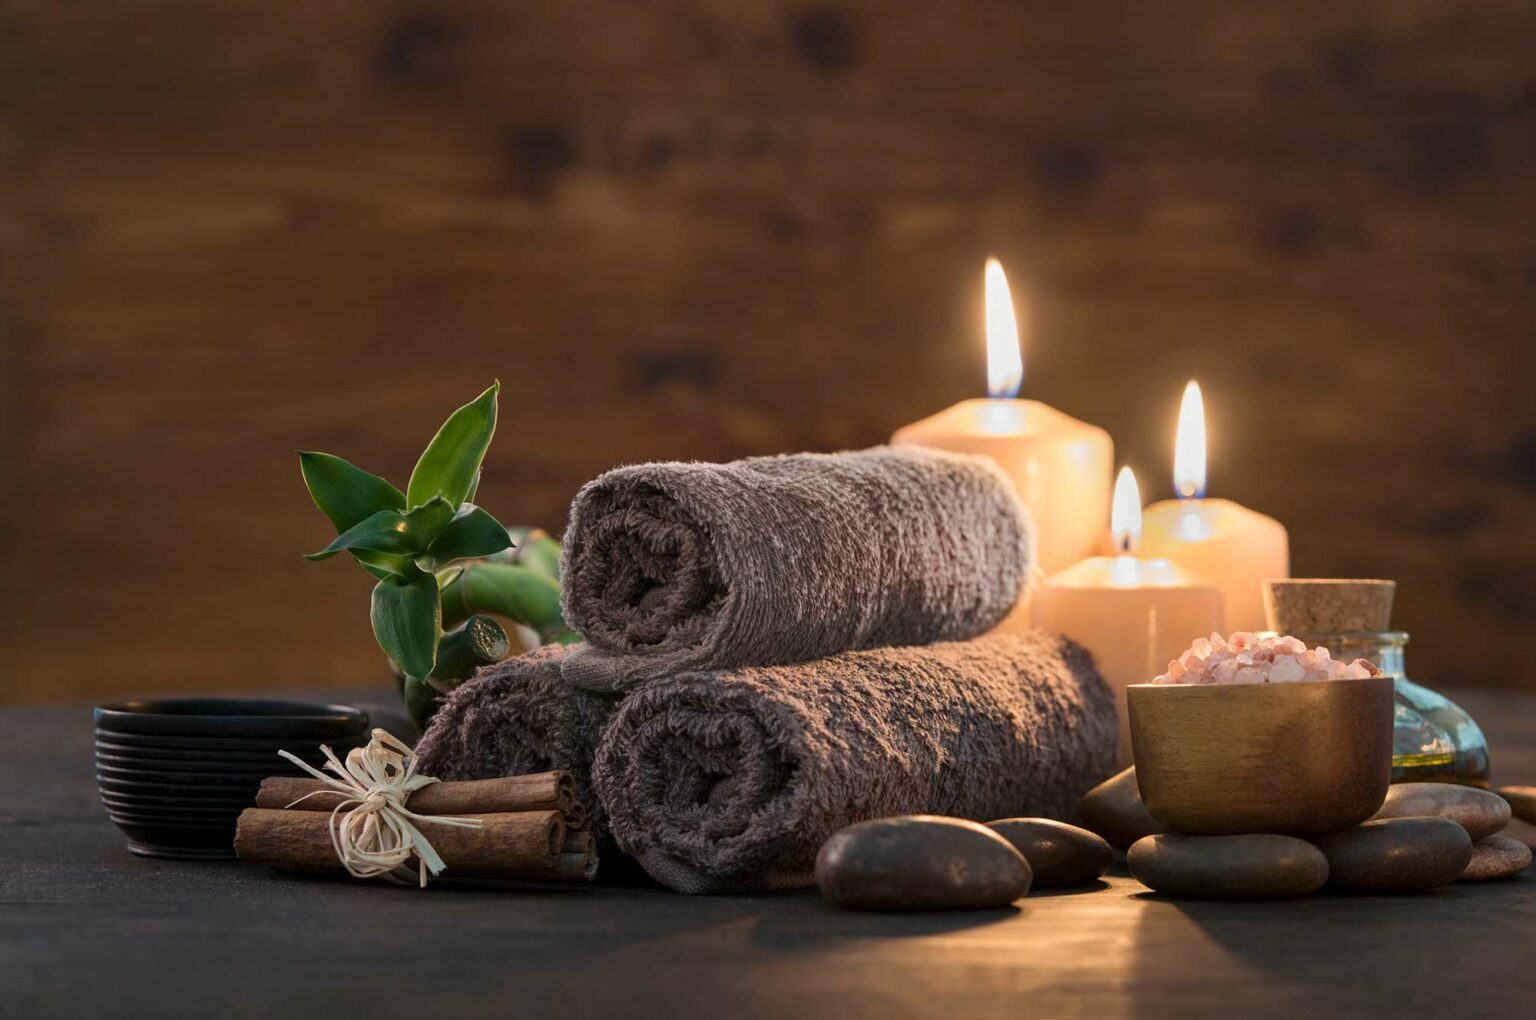 Handtücher und Kerzen schön drapiert